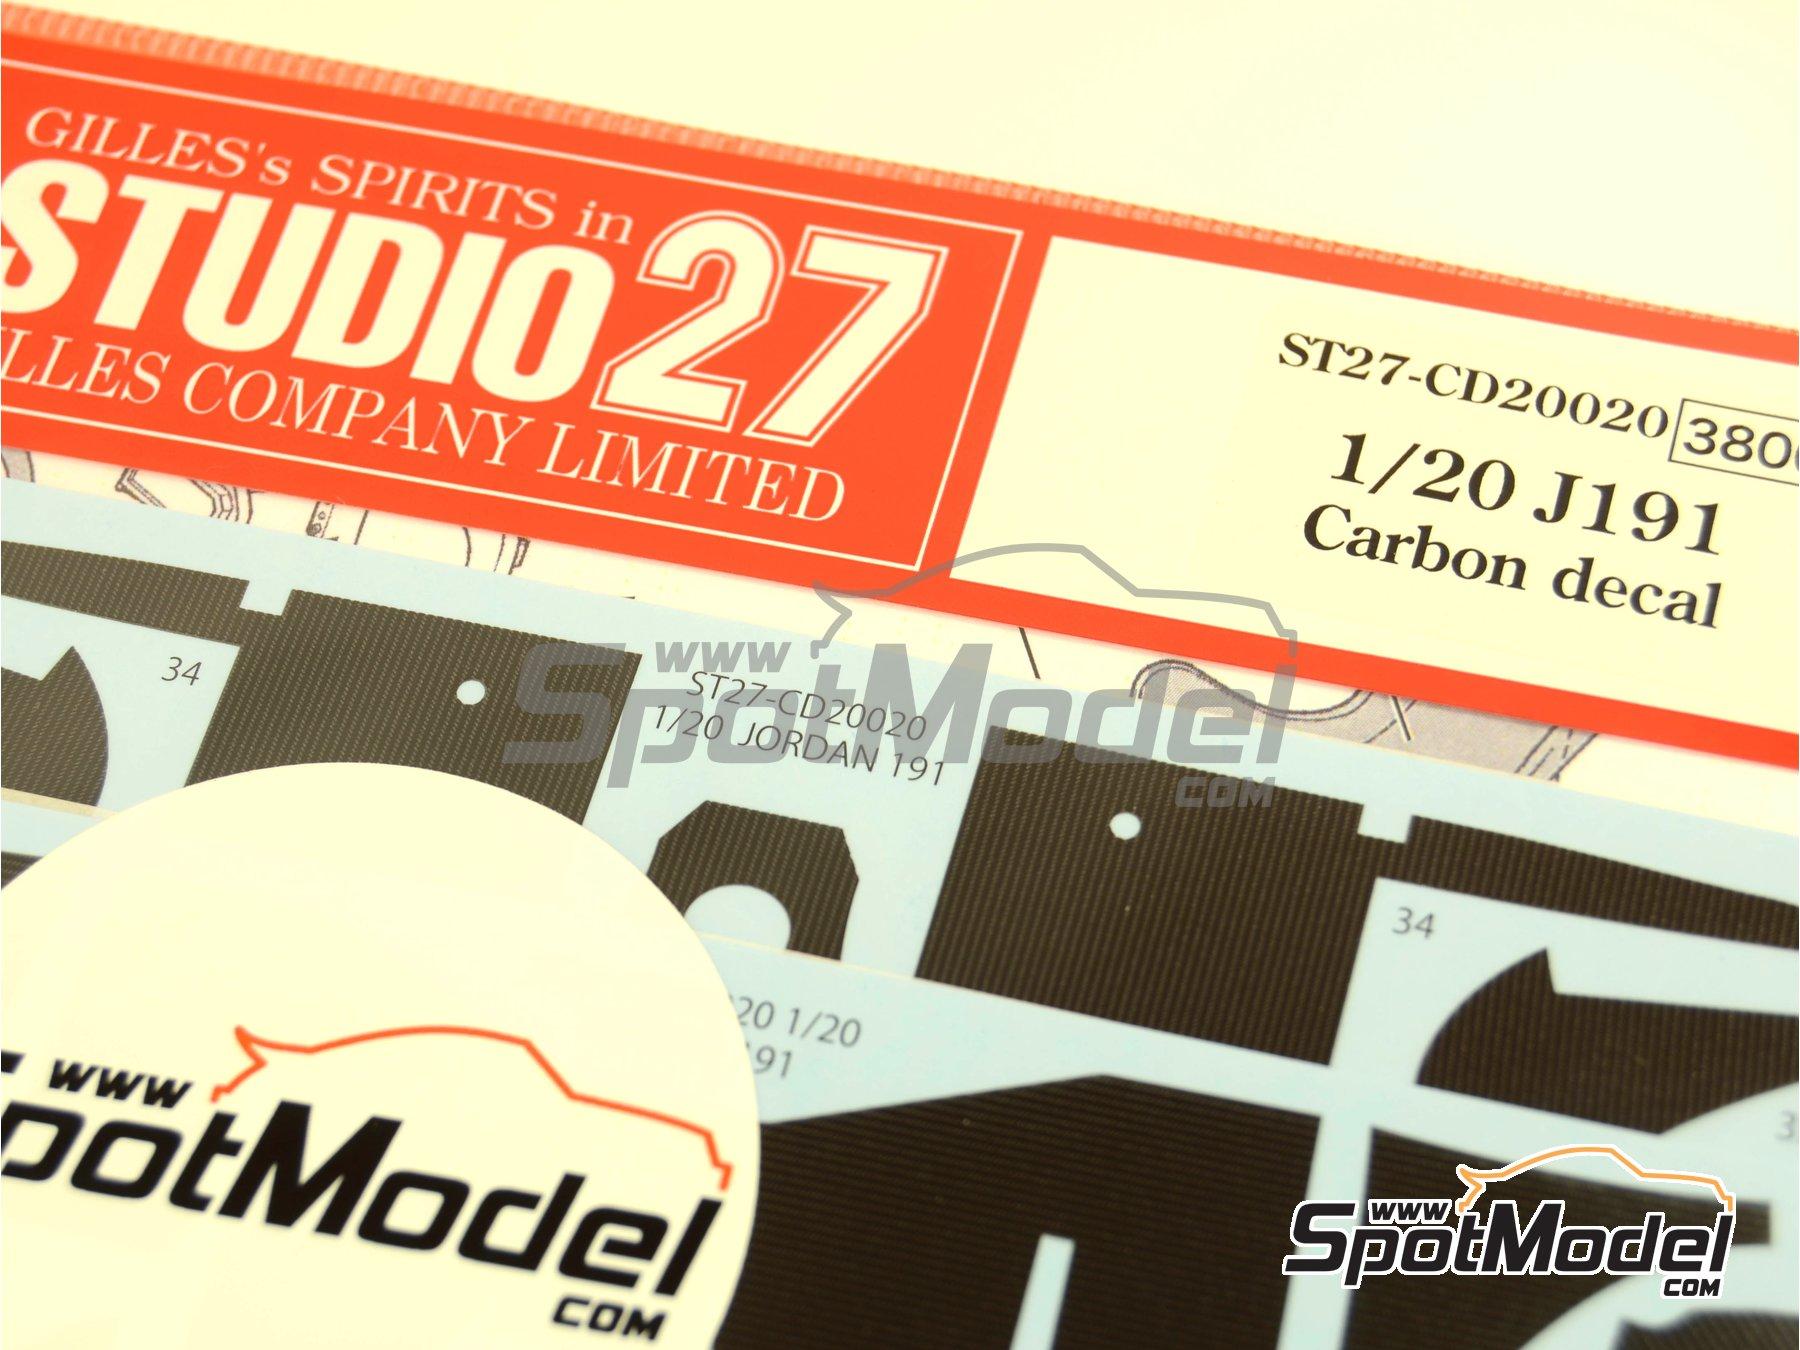 Image 2: Jordan Ford J191 | Patron de fibra de carbono en calca en escala1/20 fabricado por Studio27 (ref.ST27-CD20020)